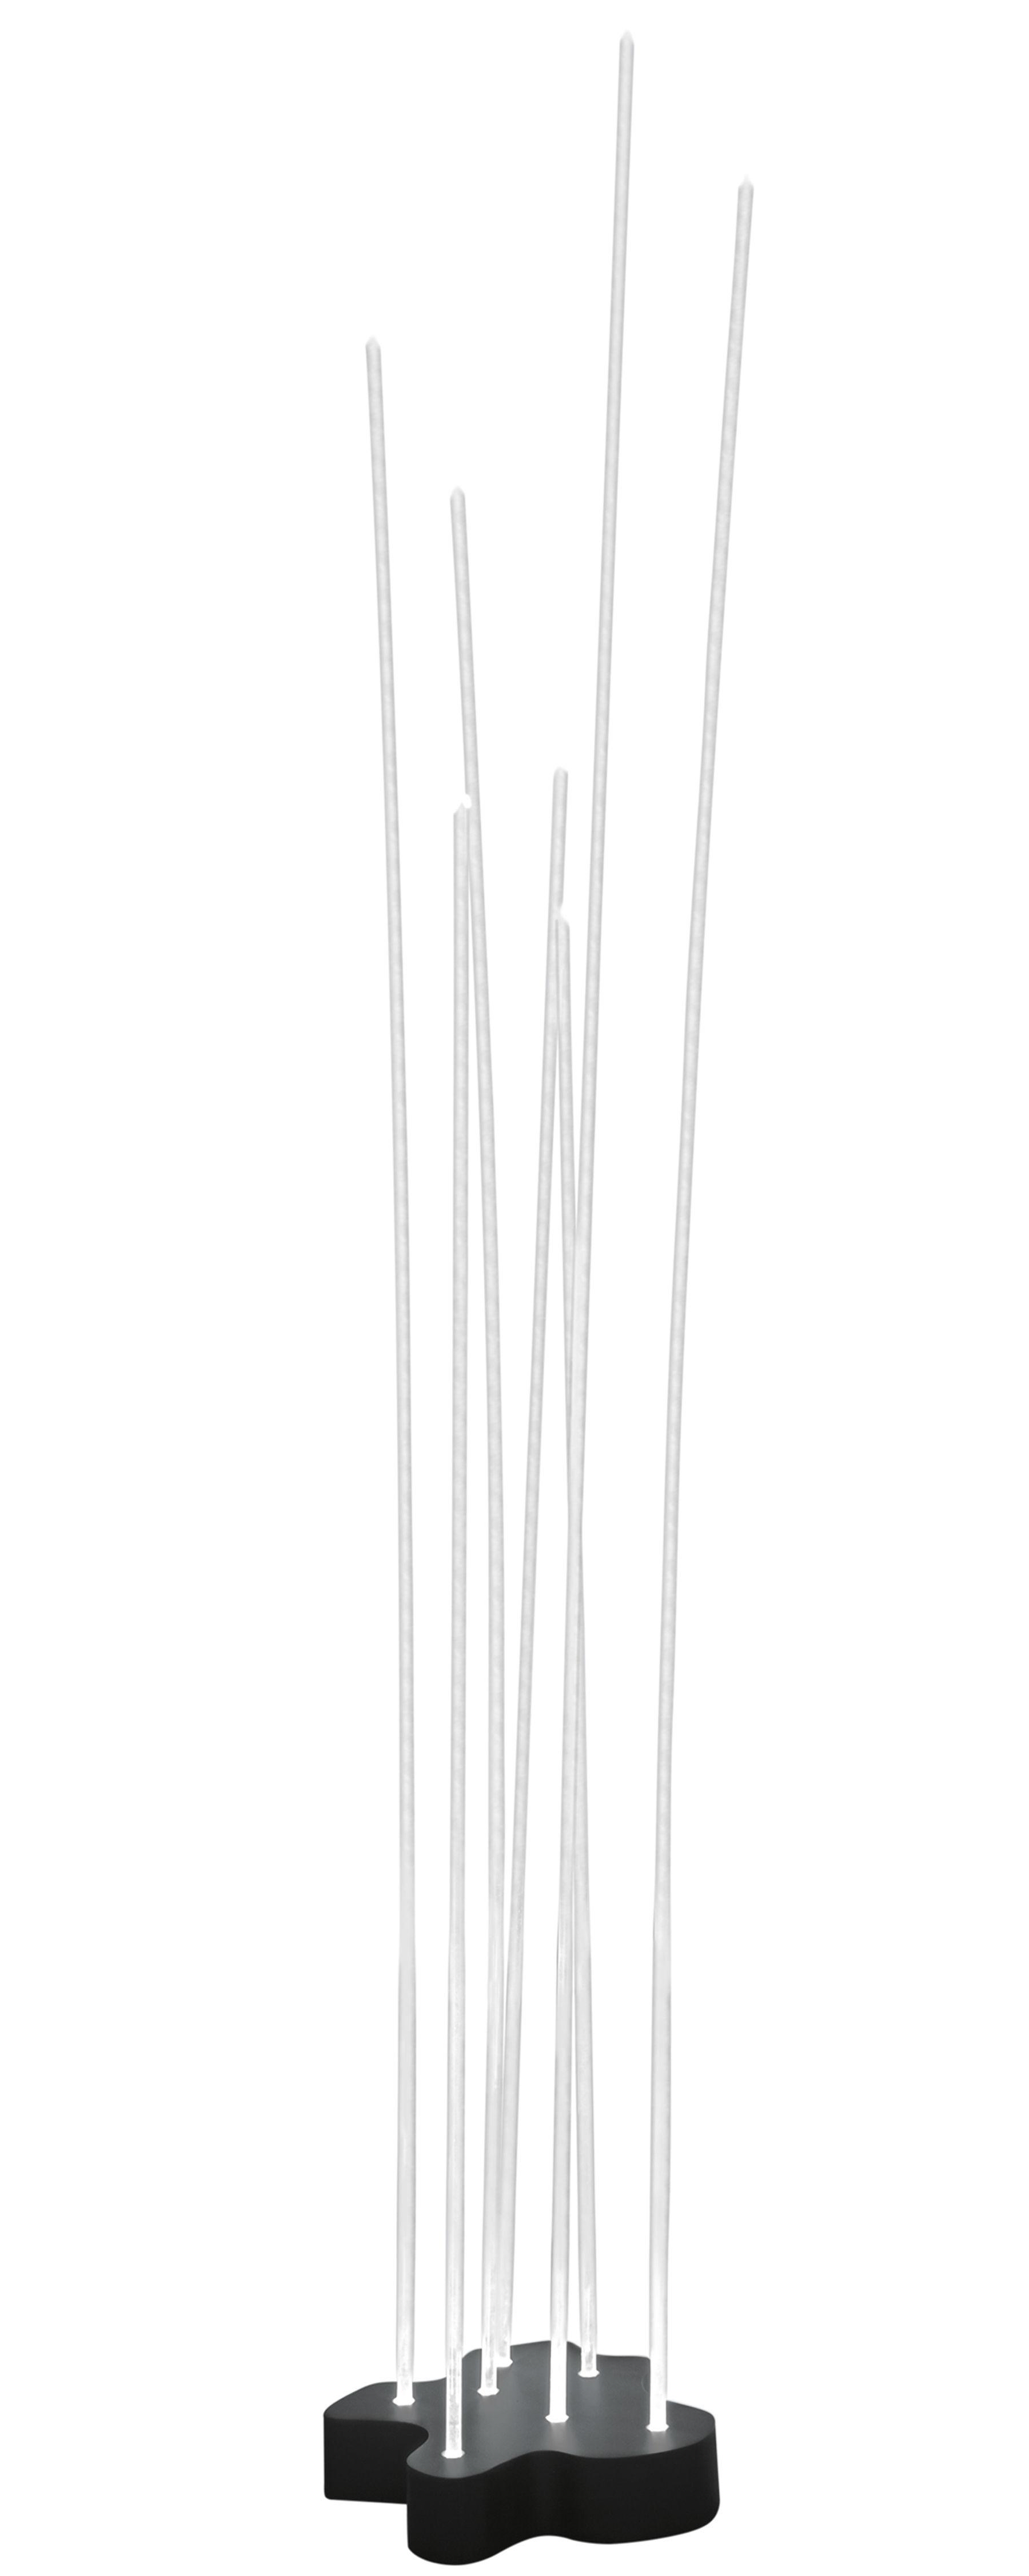 Illuminazione - Lampade da terra - Lampada a stelo Reeds LED di Artemide -  - Acciaio inossidabile verniciato, PMMA